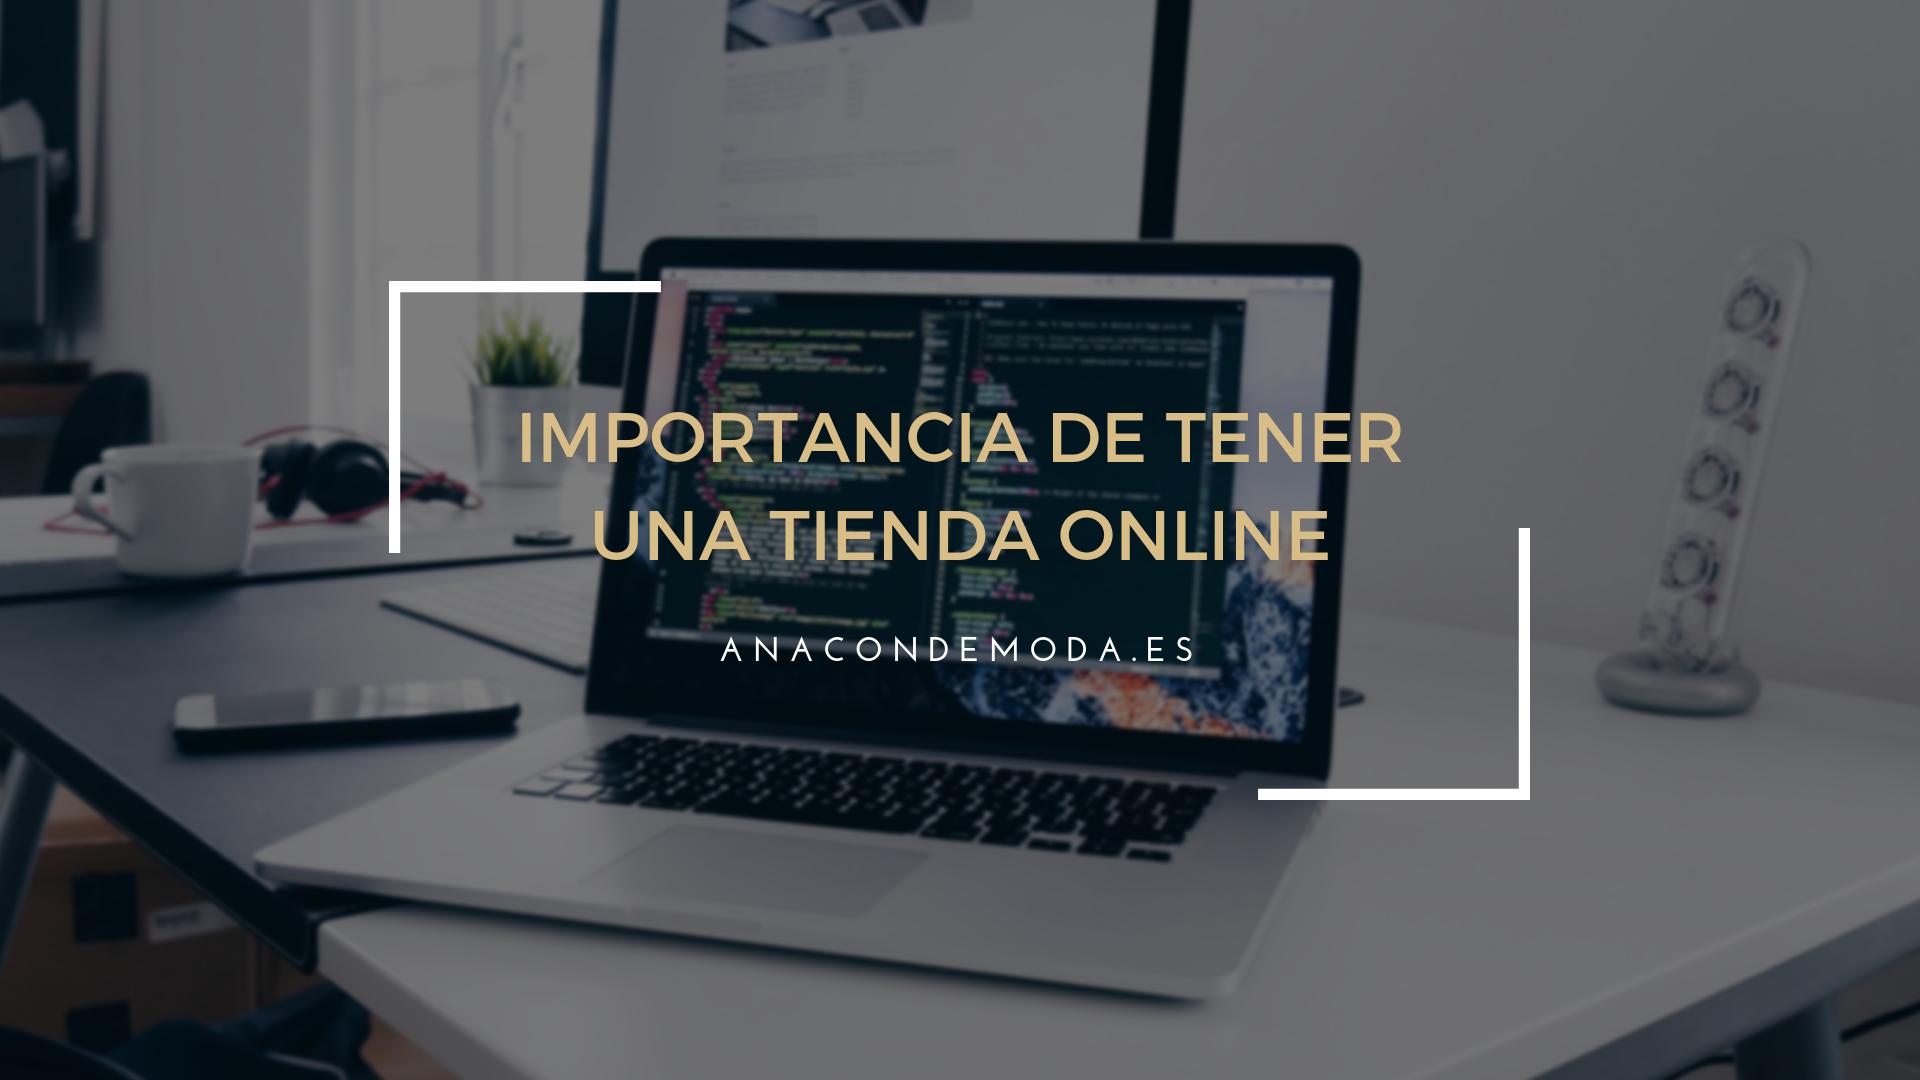 ¿Es importante tener una tienda online? ¡Pregúntale a Ana!